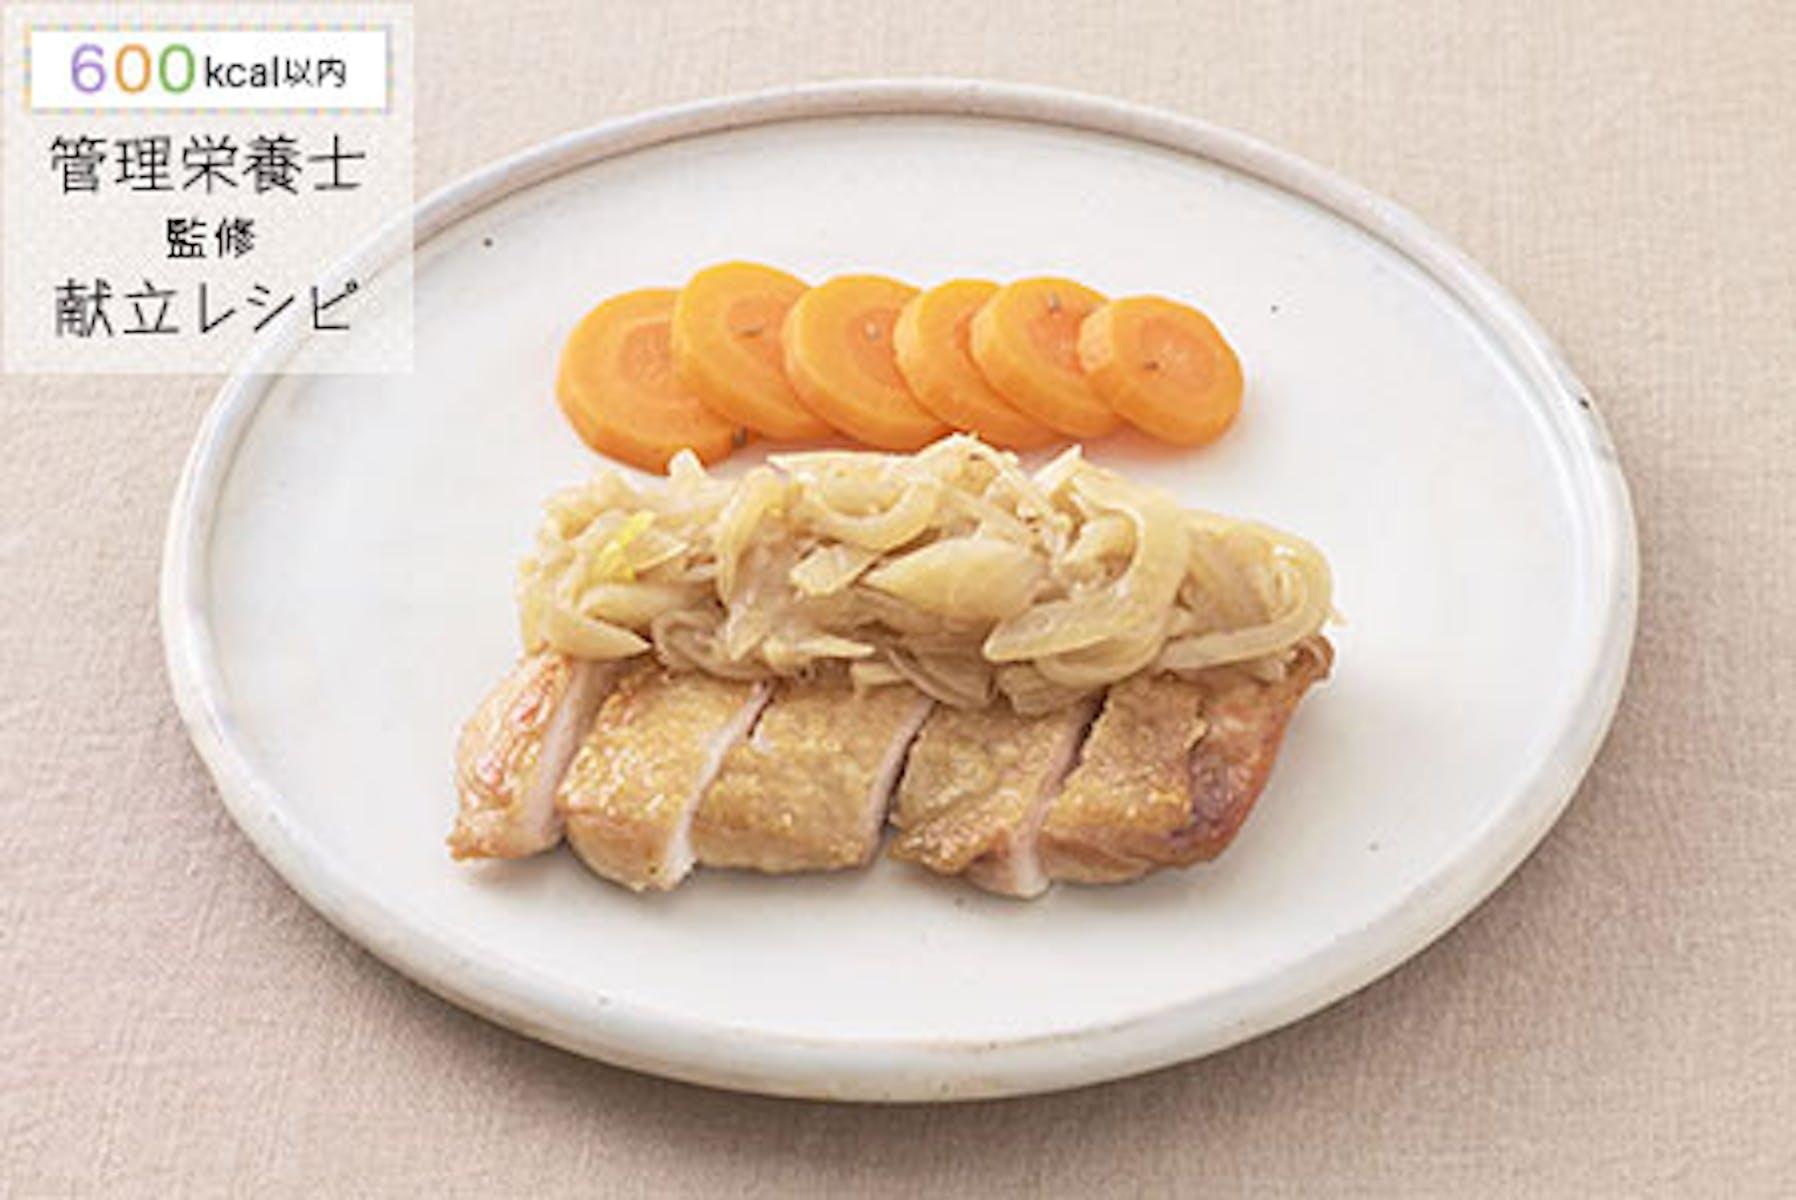 鶏もも肉のソテー玉ねぎみそソース